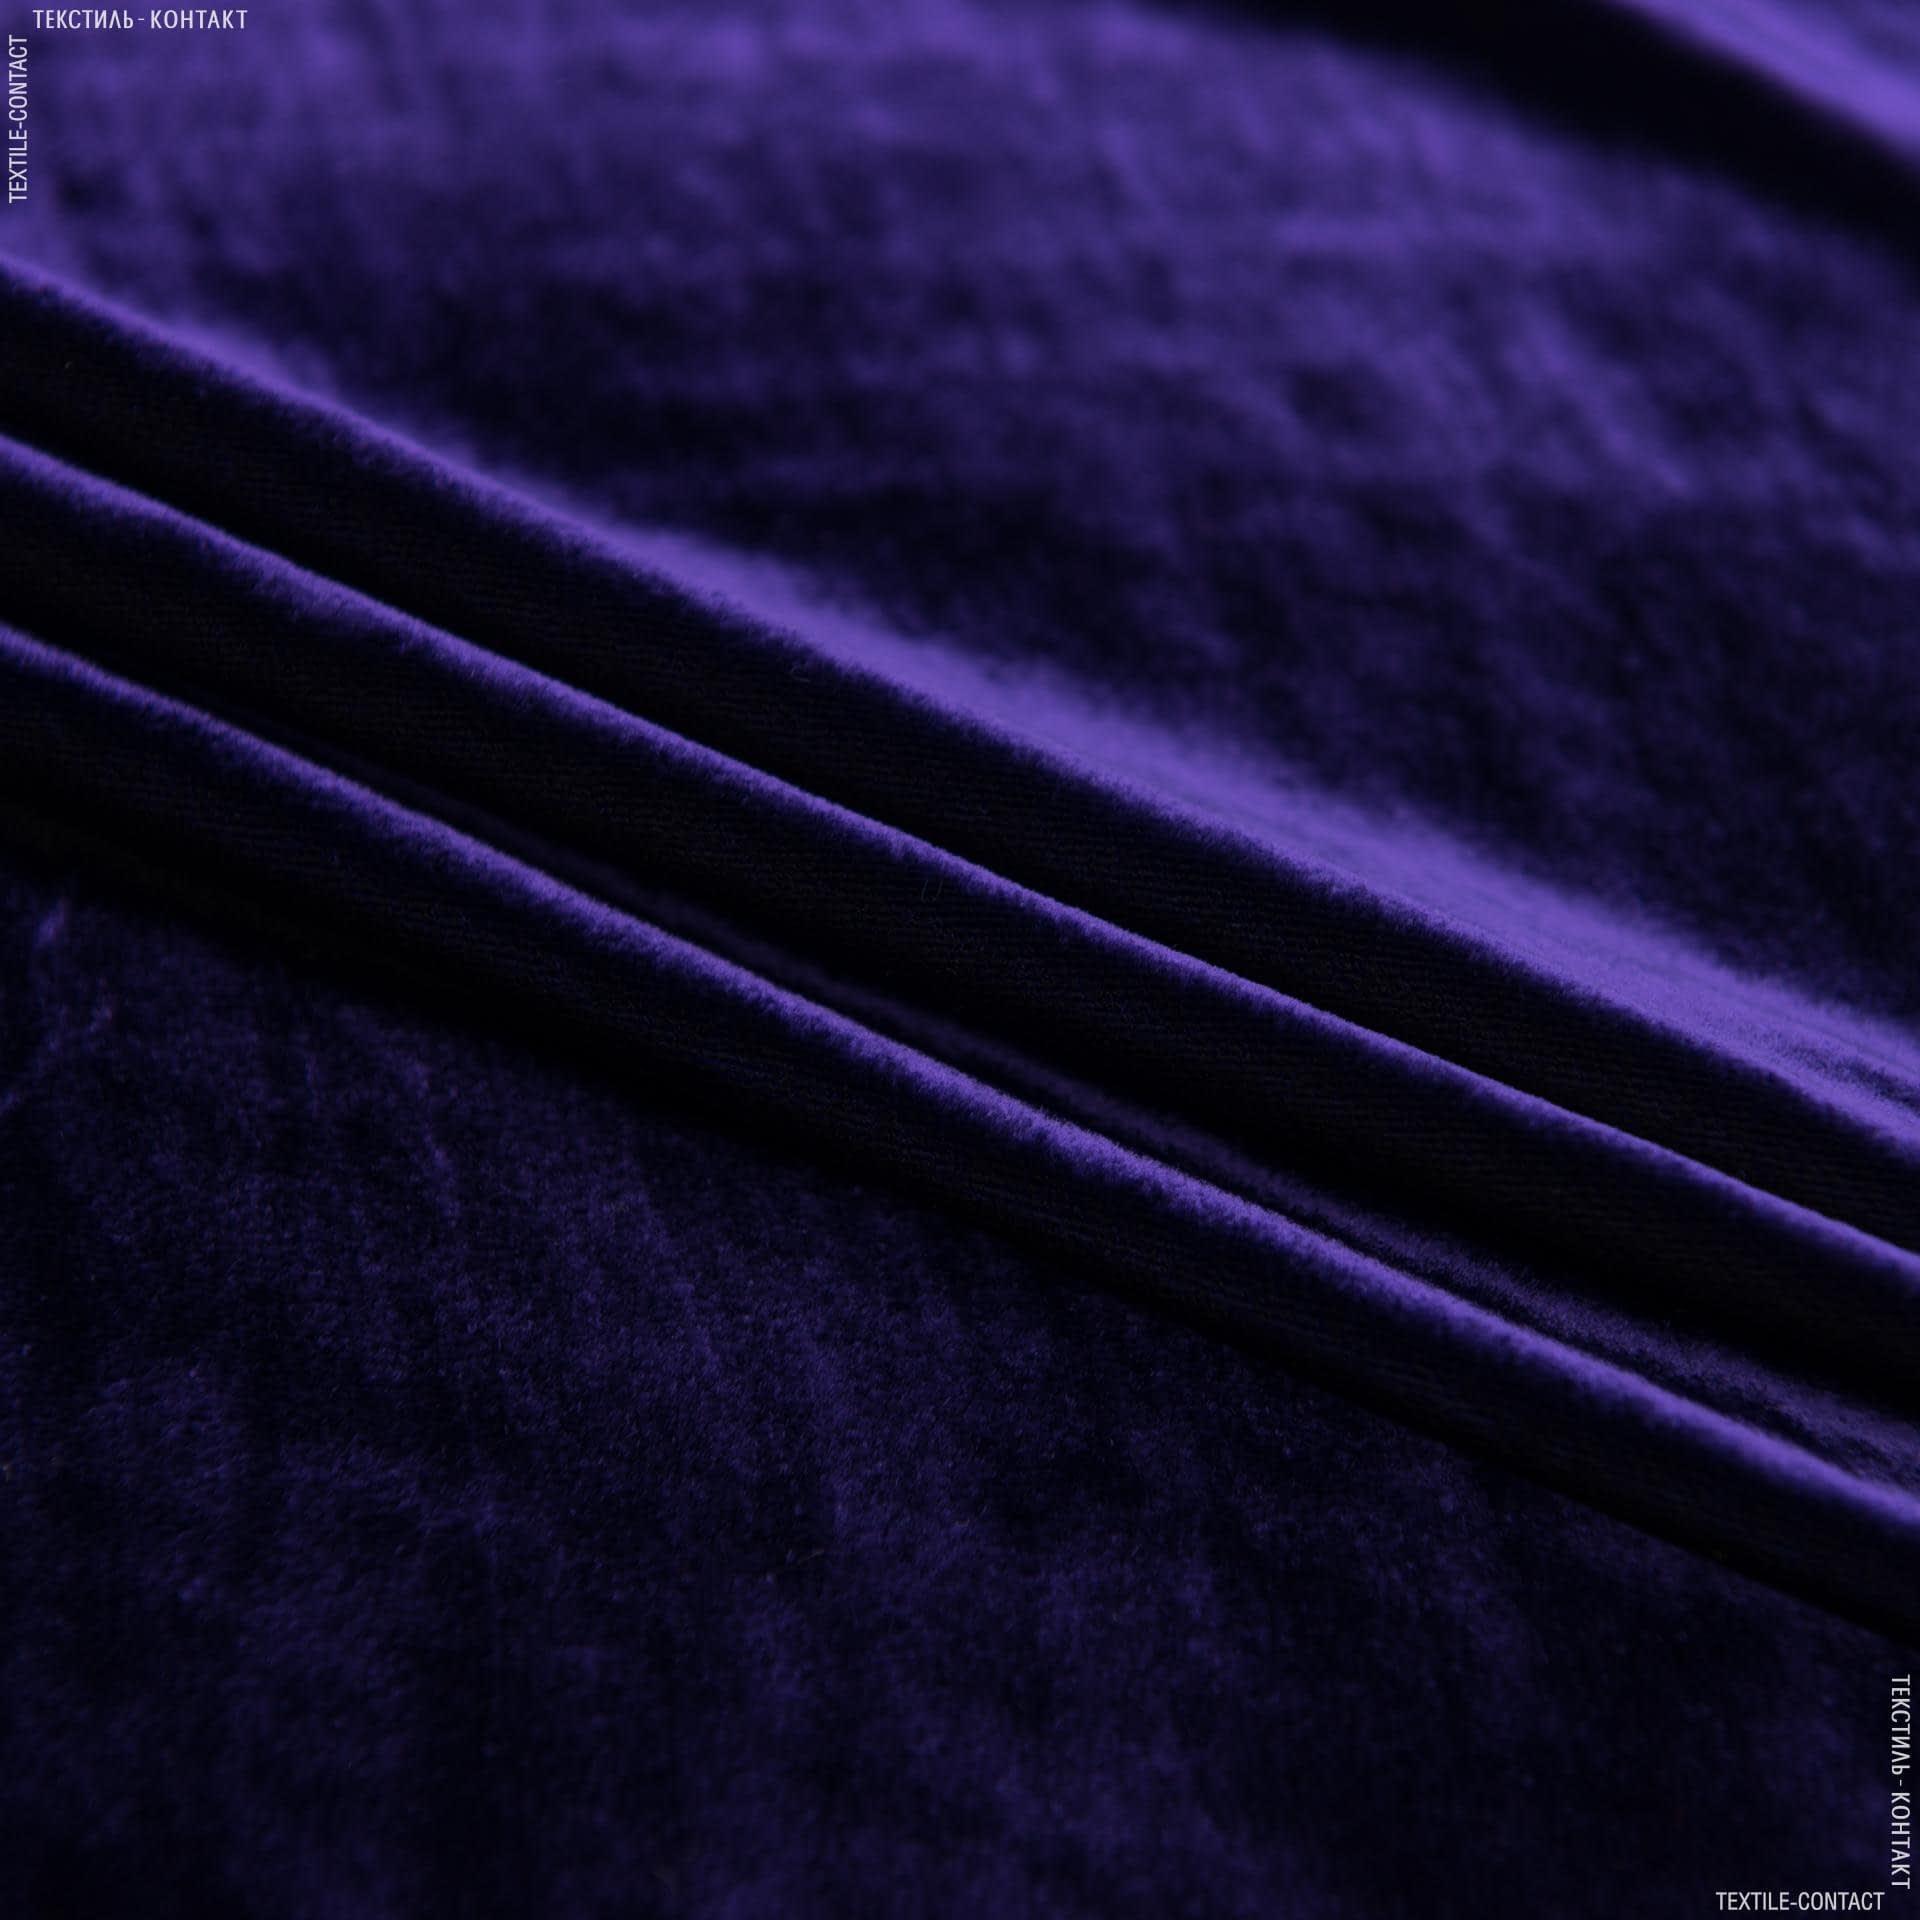 Ткани для костюмов - Бархат шелк натуральный чернило